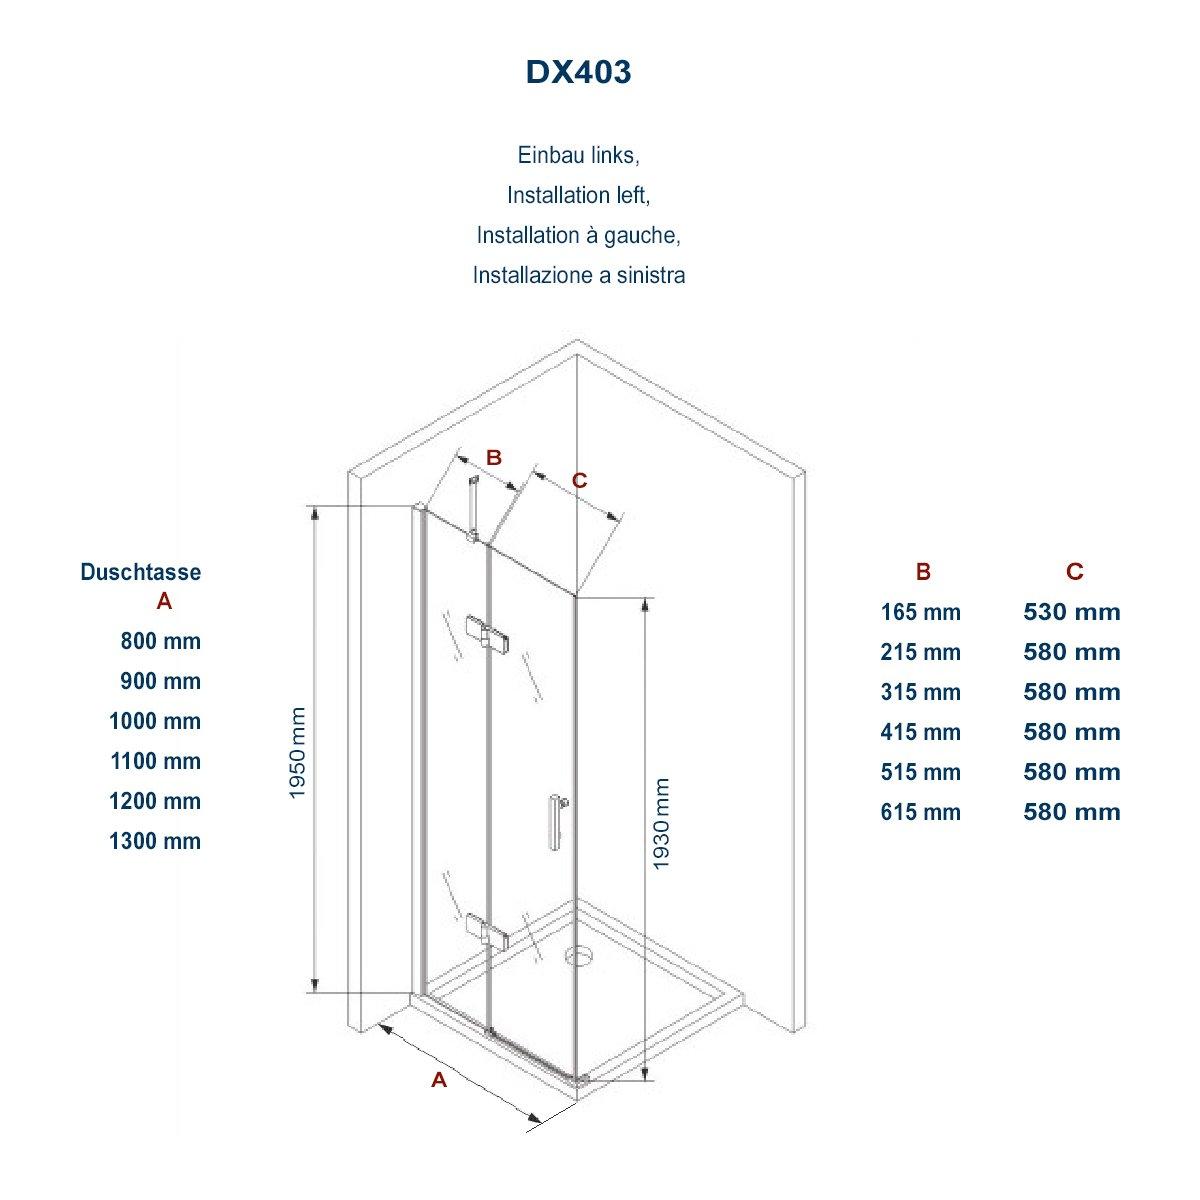 Duschkabine Eckdusche 8 mm Nano Echtglas DX403 - Breite wählbar zoom thumbnail 5